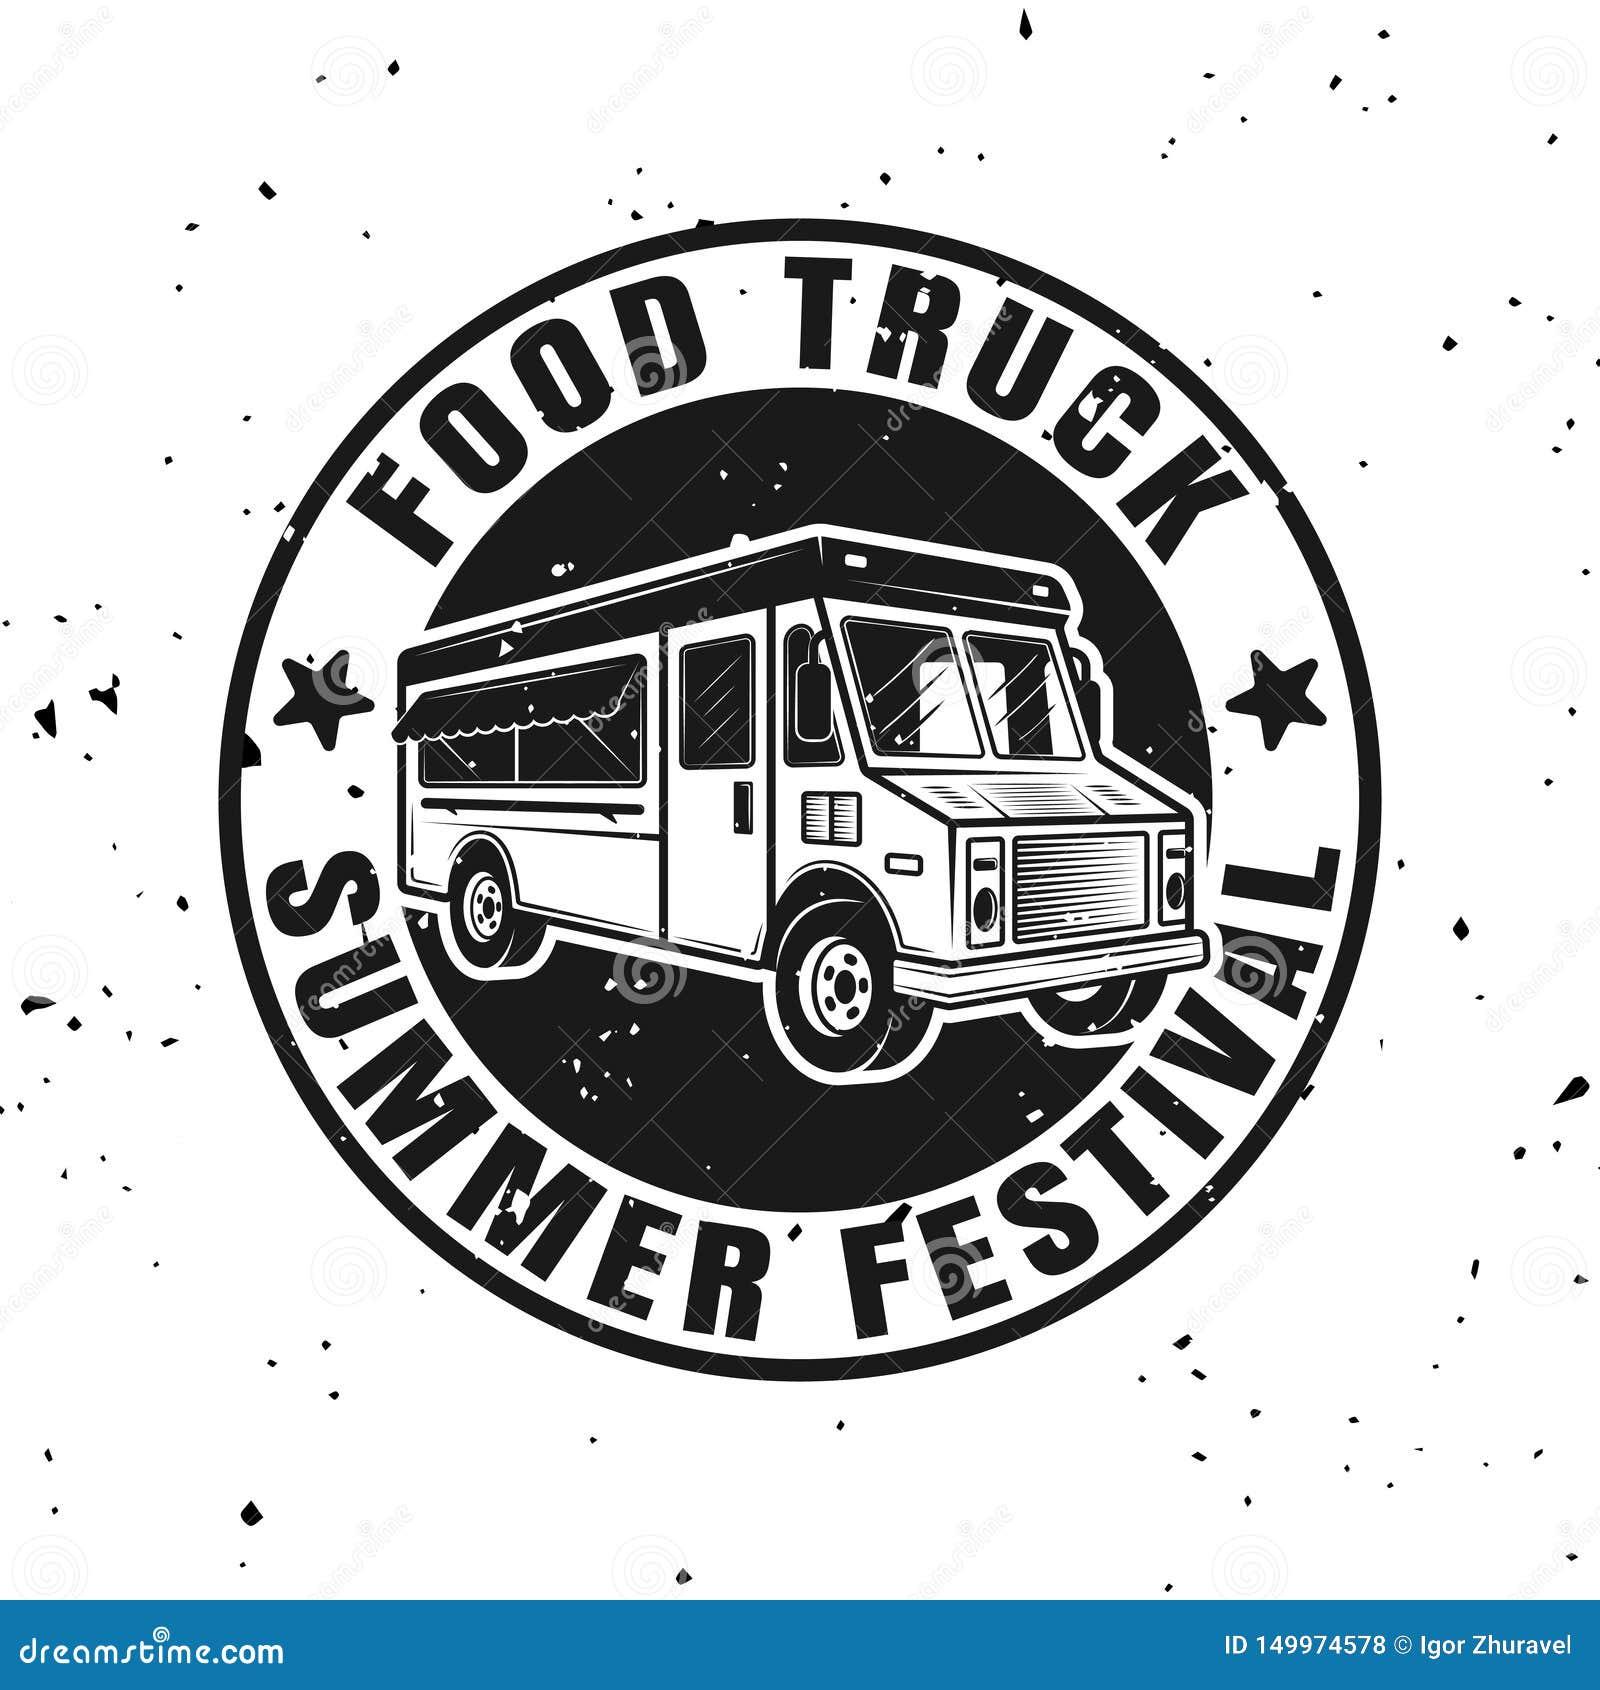 食物围绕单色象征,徽章的卡车传染媒介